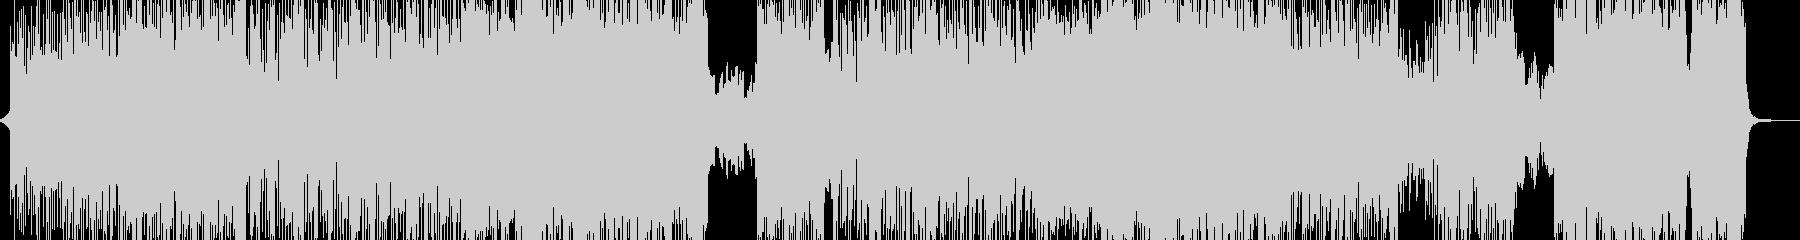 明るくカラフル☆ハッピーなロック L2の未再生の波形